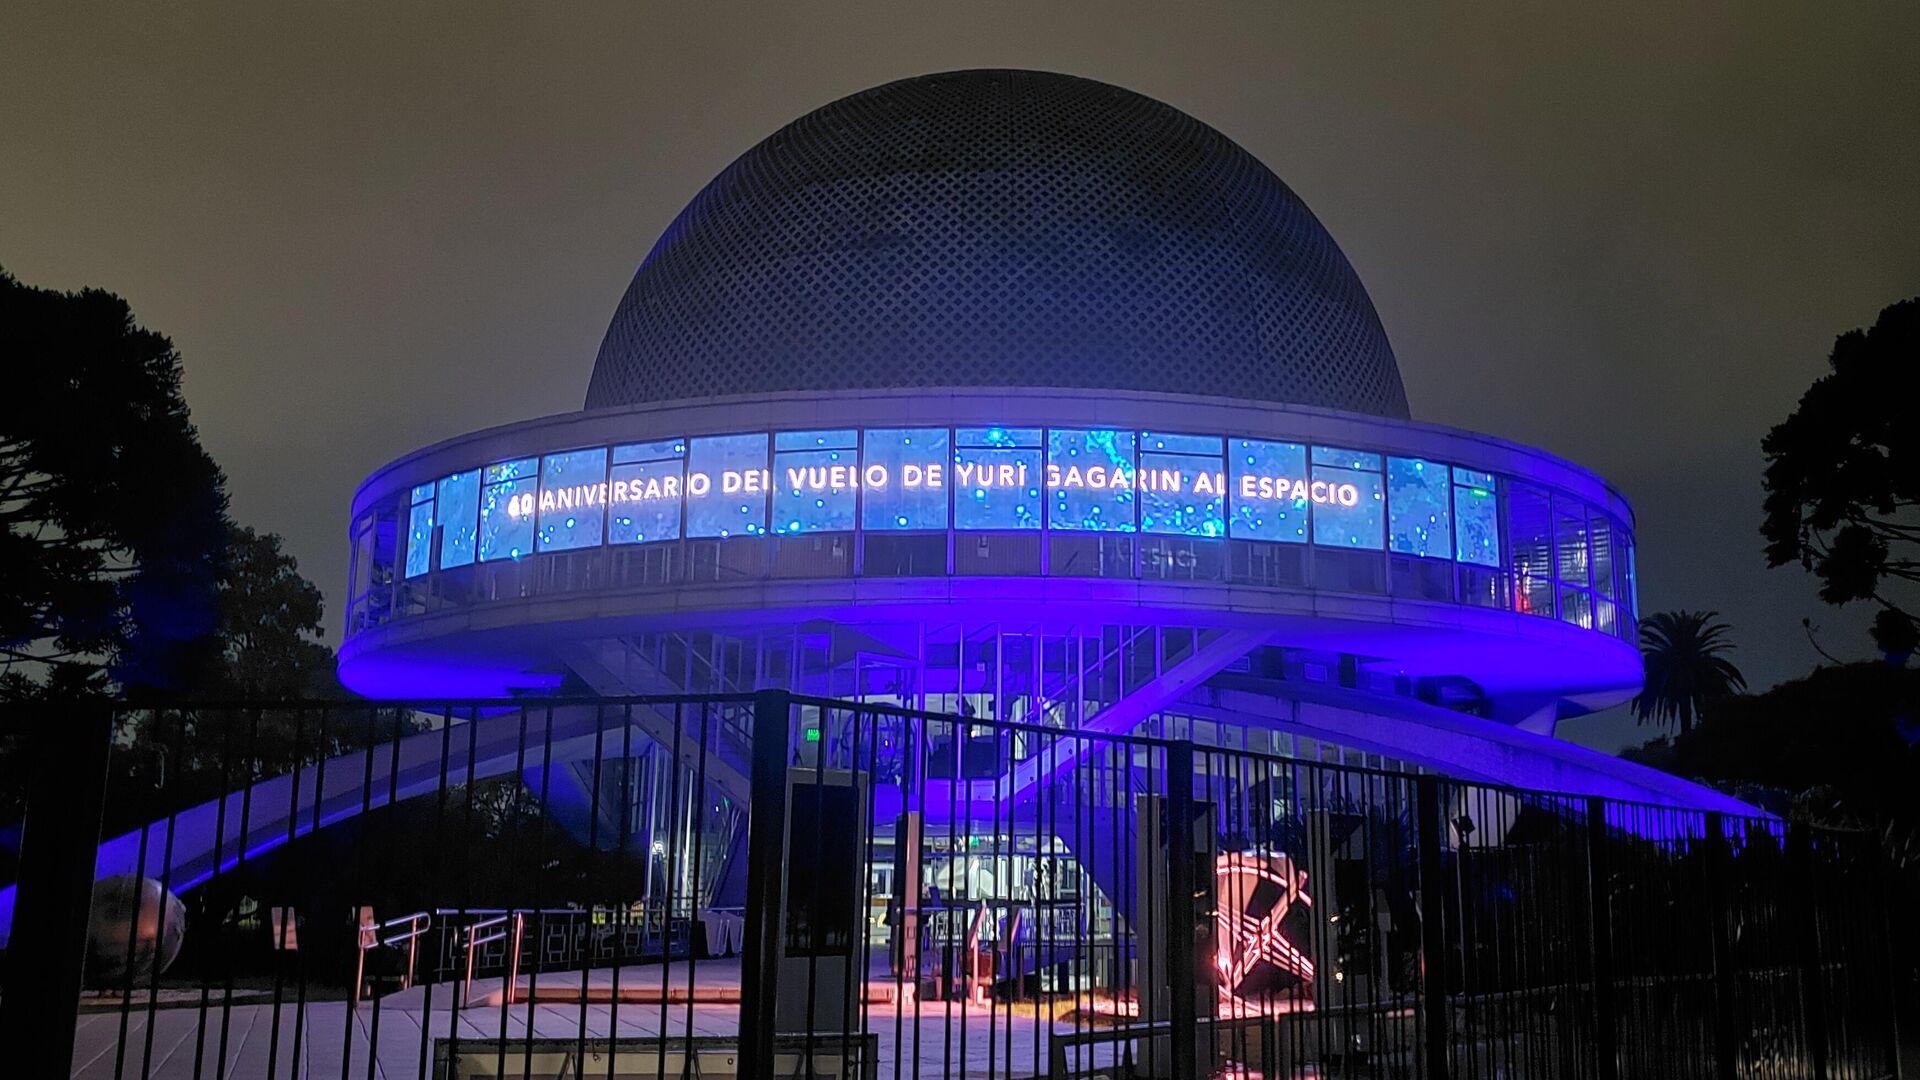 El Planetario de Buenos Aires inauguró una muestra de fotos en homenaje al cosmonauta soviético Yuri Gagarin - Sputnik Mundo, 1920, 15.04.2021